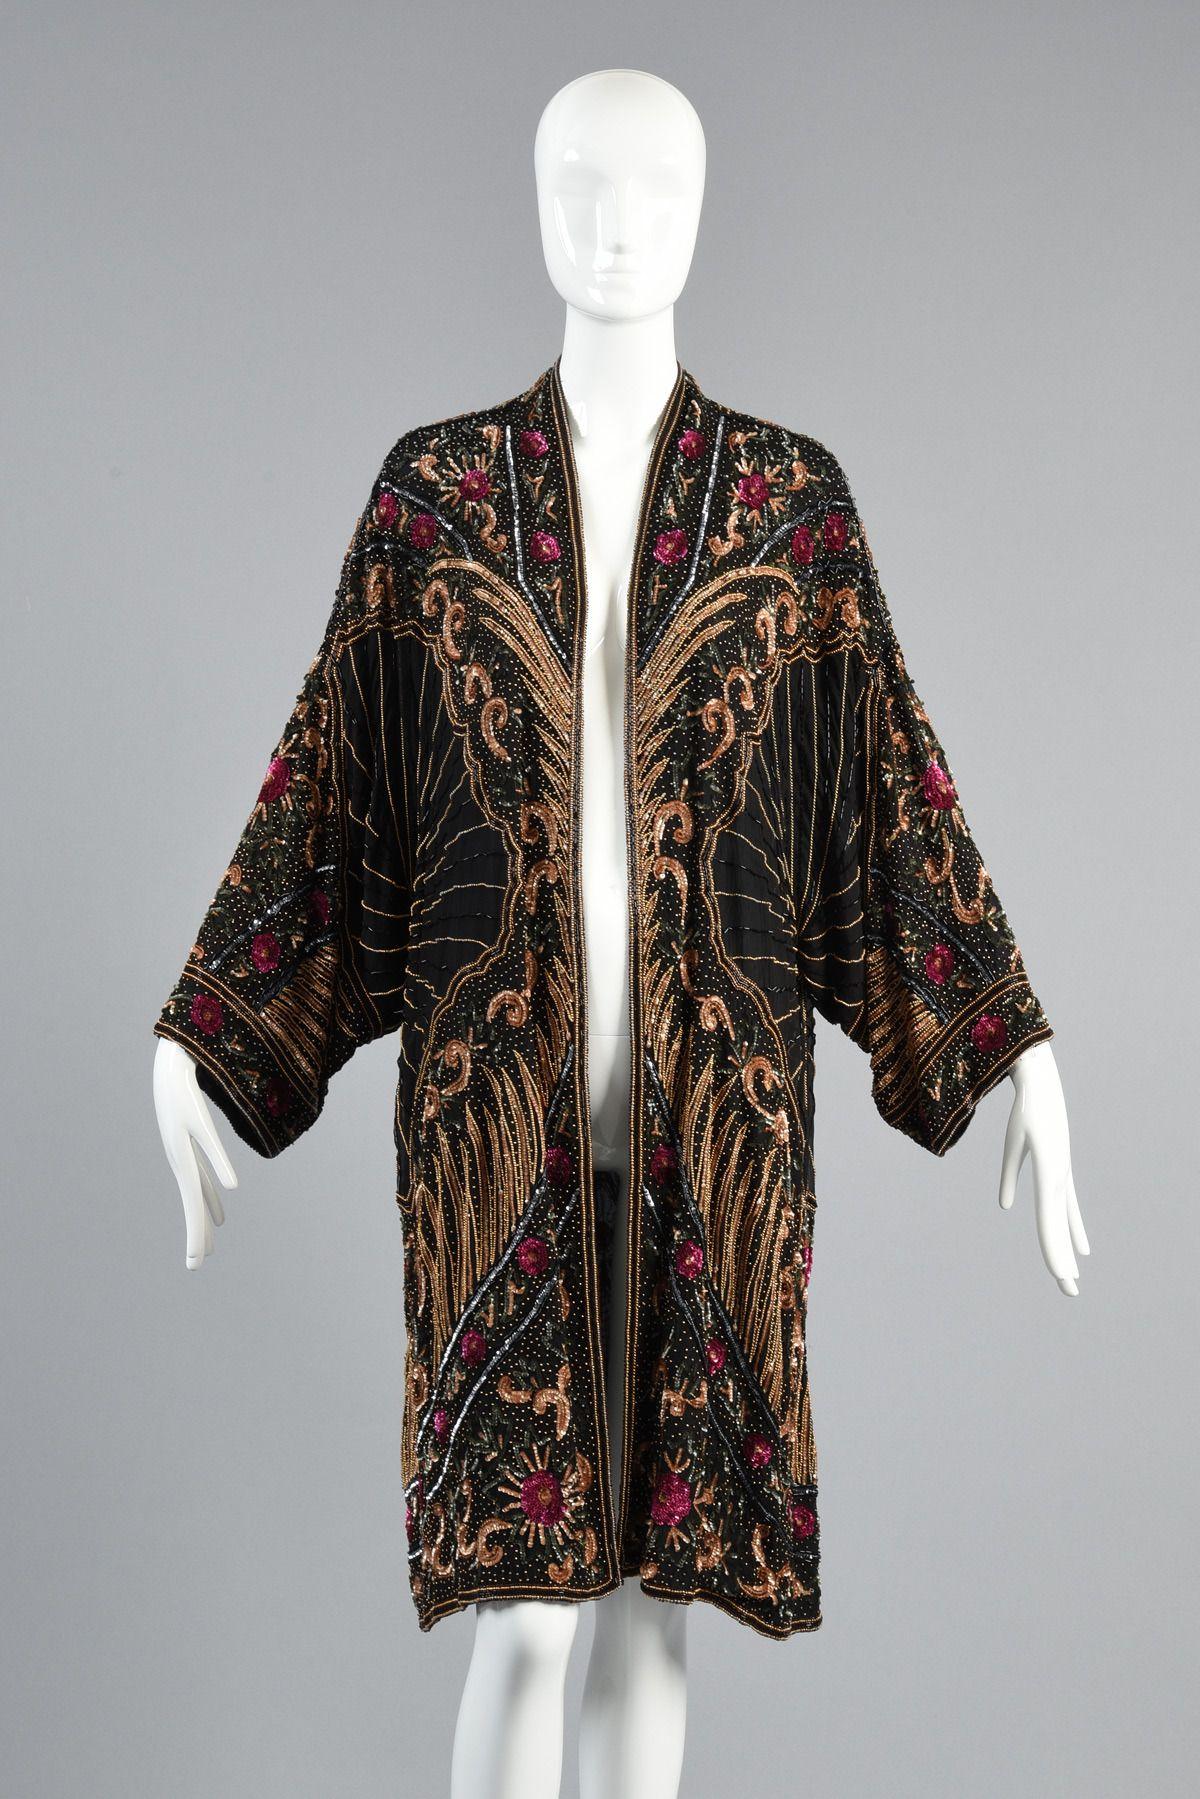 Eclectic Hand Beaded Silk Kimono Jacket | Jacket images, Silk ...